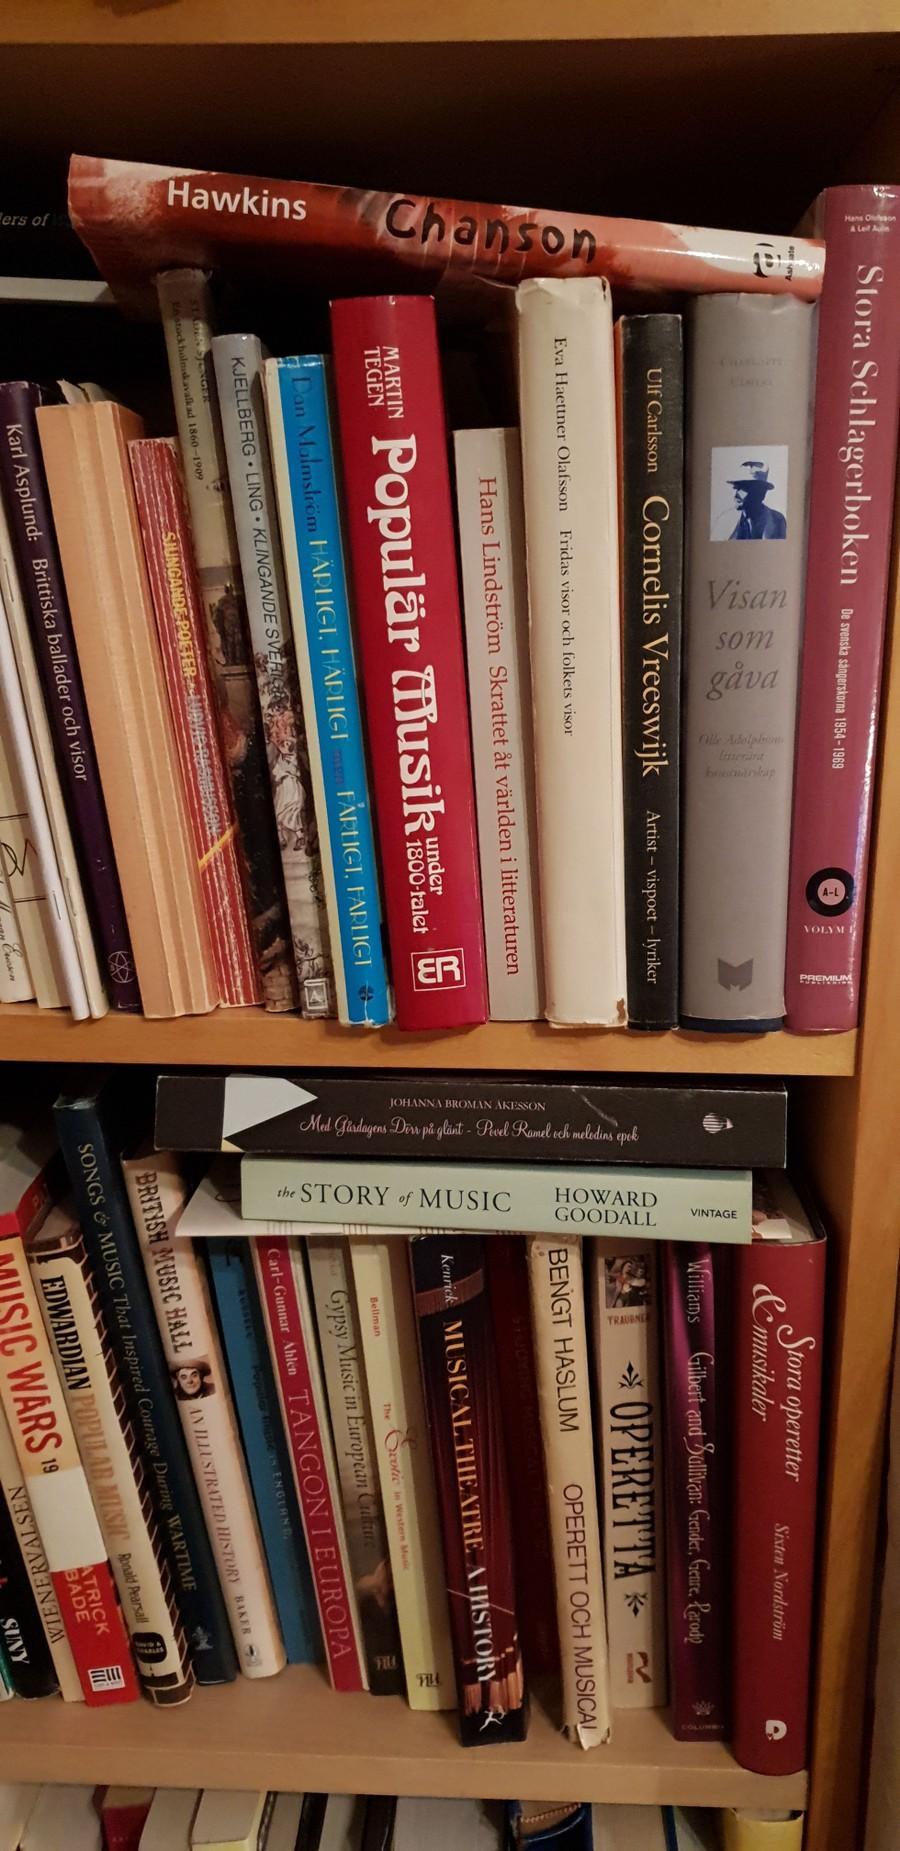 Bokhylla med böcker om populärmusik och visor